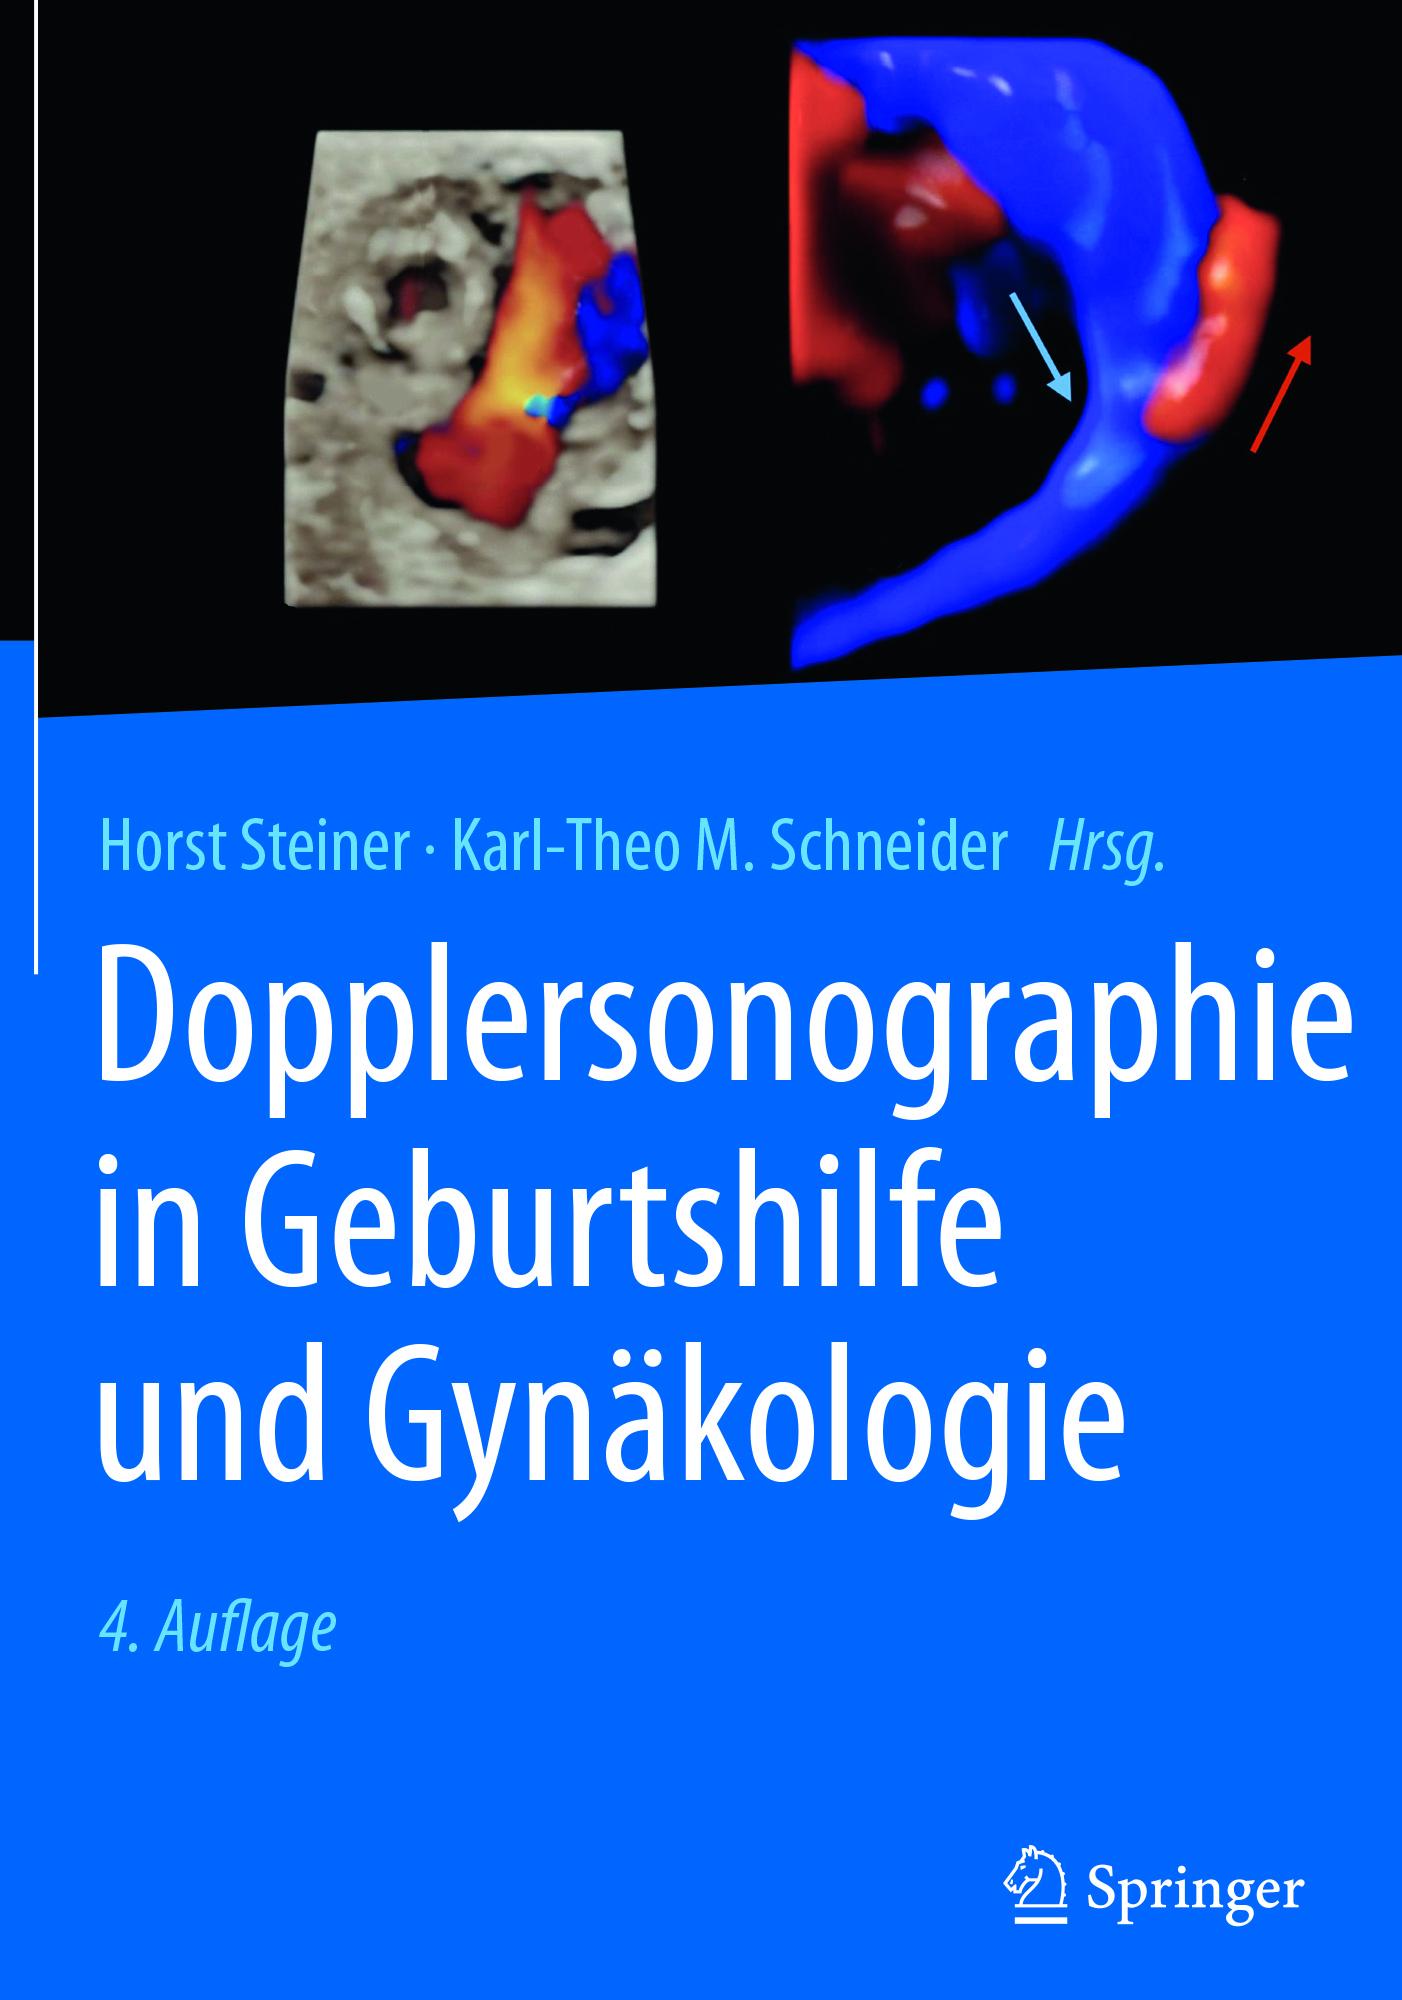 Schneider, Karl-Theo M. - Dopplersonographie in Geburtshilfe und Gynäkologie, ebook